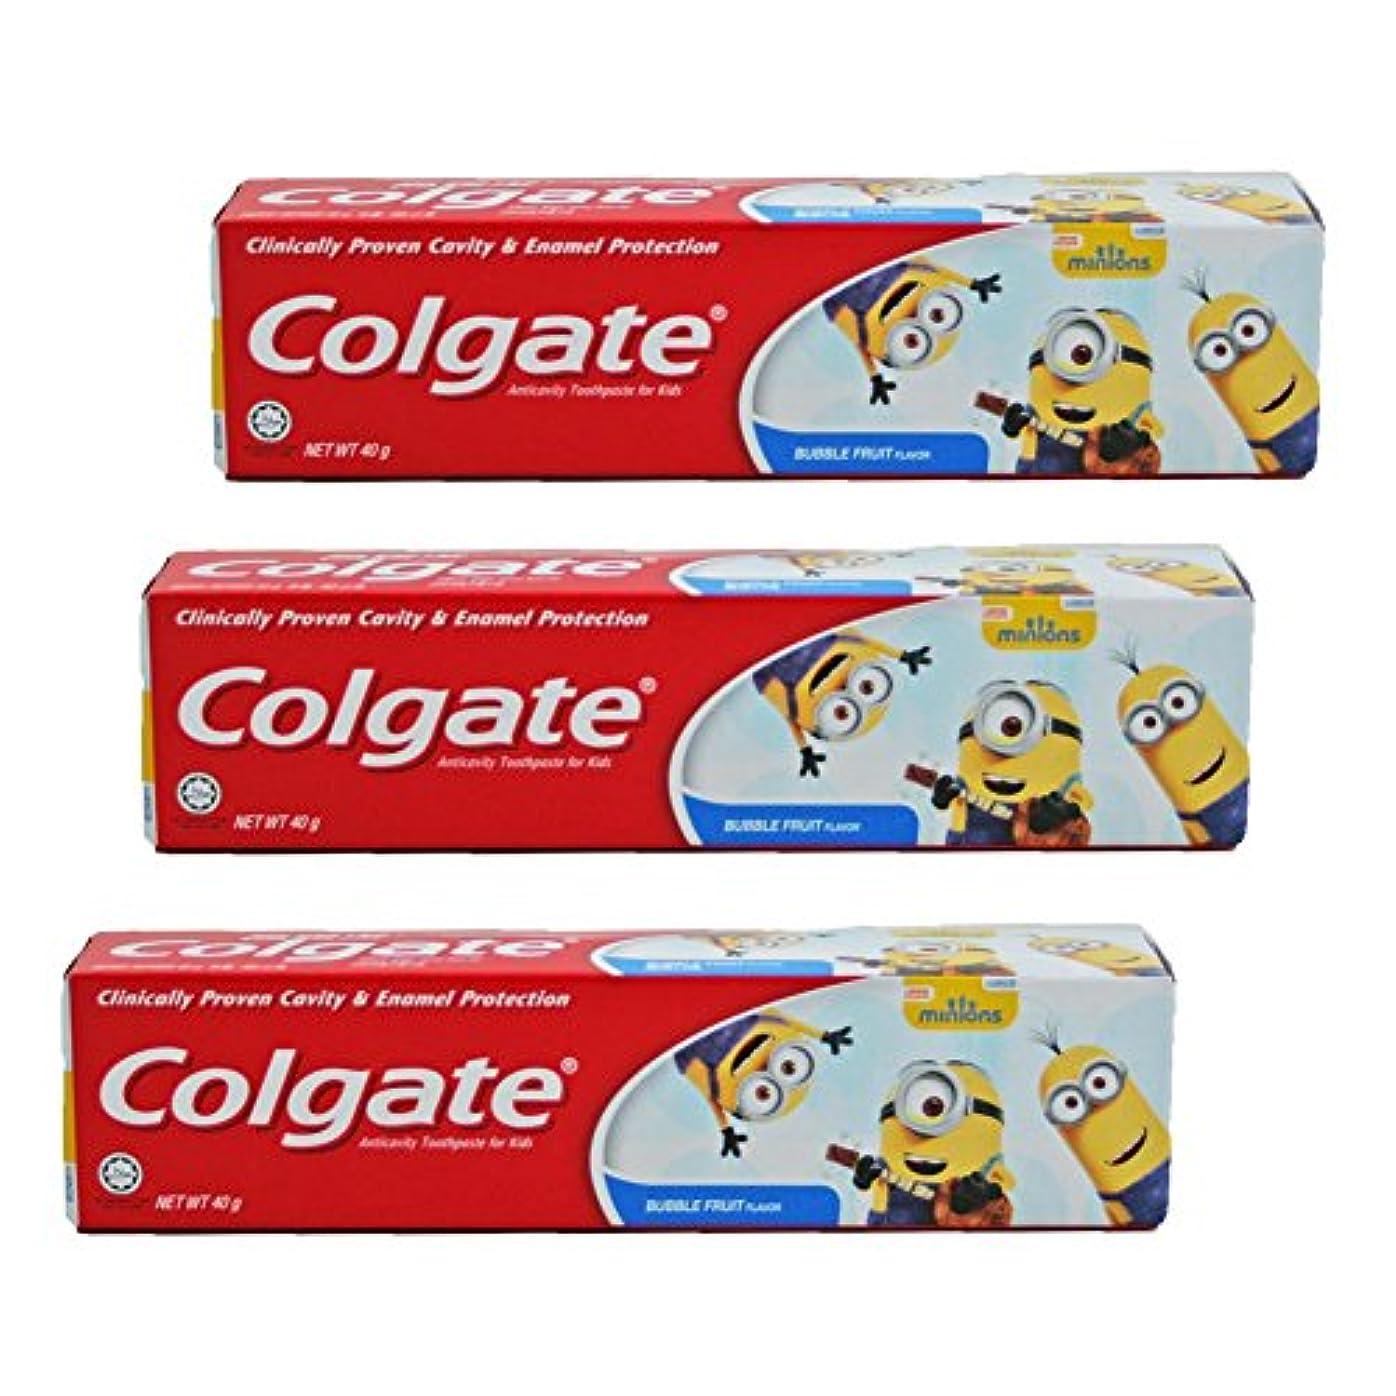 コンソール代表するからコルゲート Colgate 子供用 Kids-BUBBLE FRUIT FLAVOR (ミニオン, 40g) 3個セット [並行輸入品]